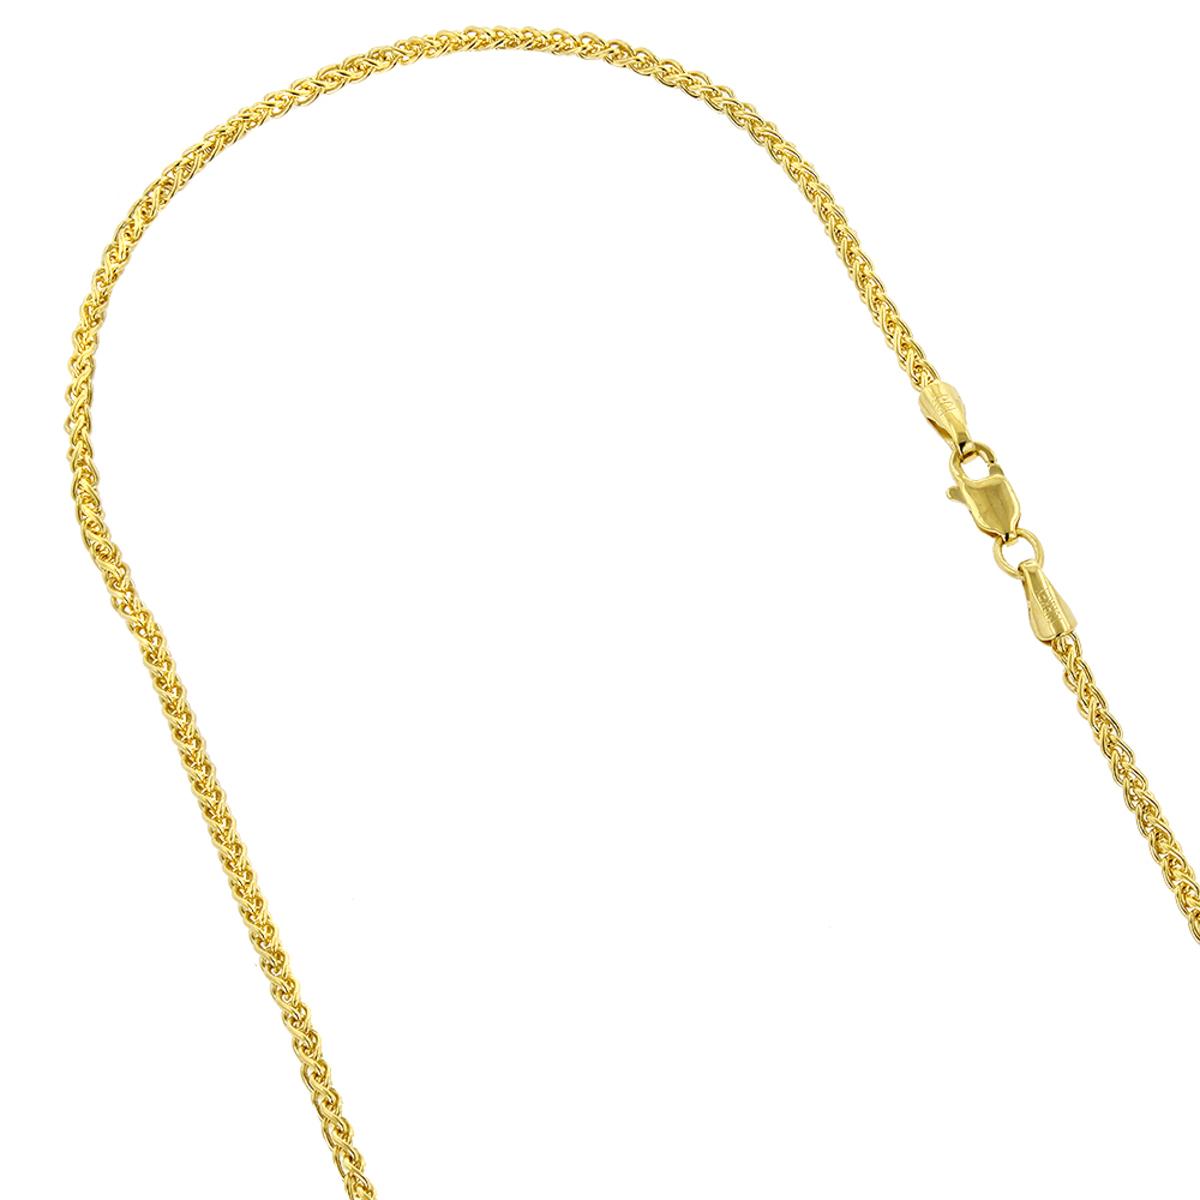 LUXURMAN Solid 14k Gold Wheat Chain For Men & Women 2.1mm Wide